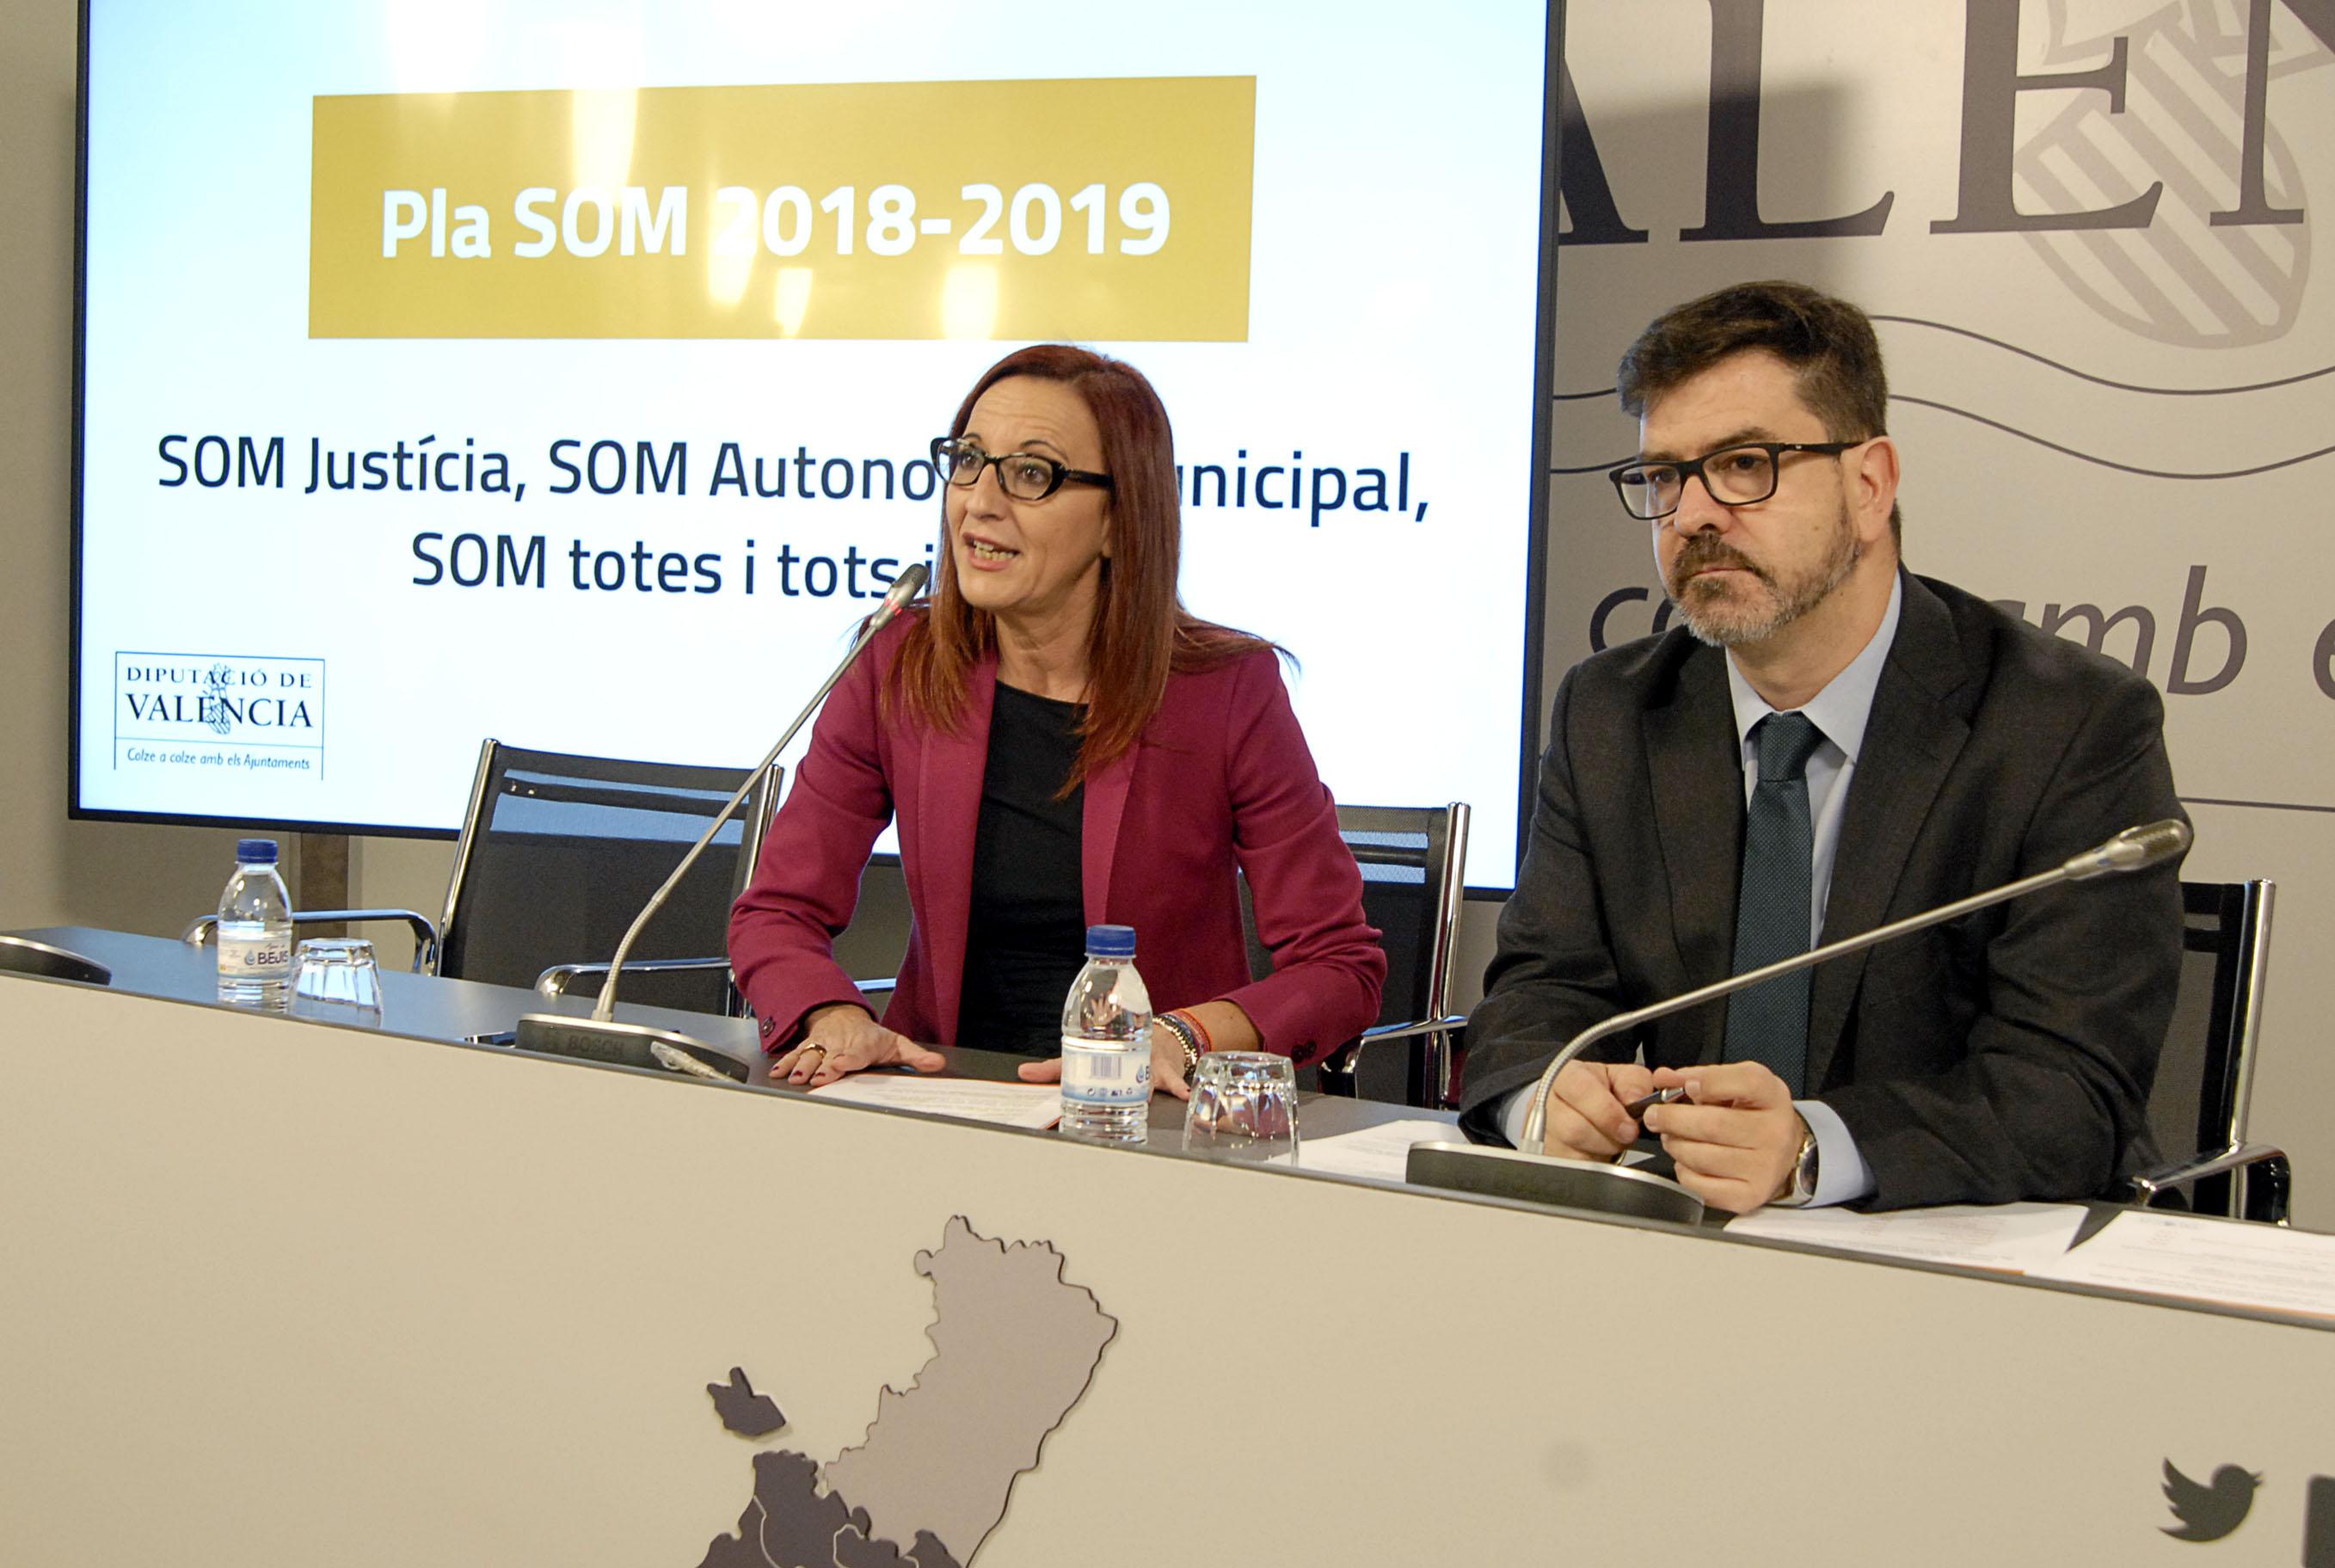 La Vicepresidenta de la Diputació, Mª Josep Amigó, y el diputado Emili Altur durante la presentación del plan.